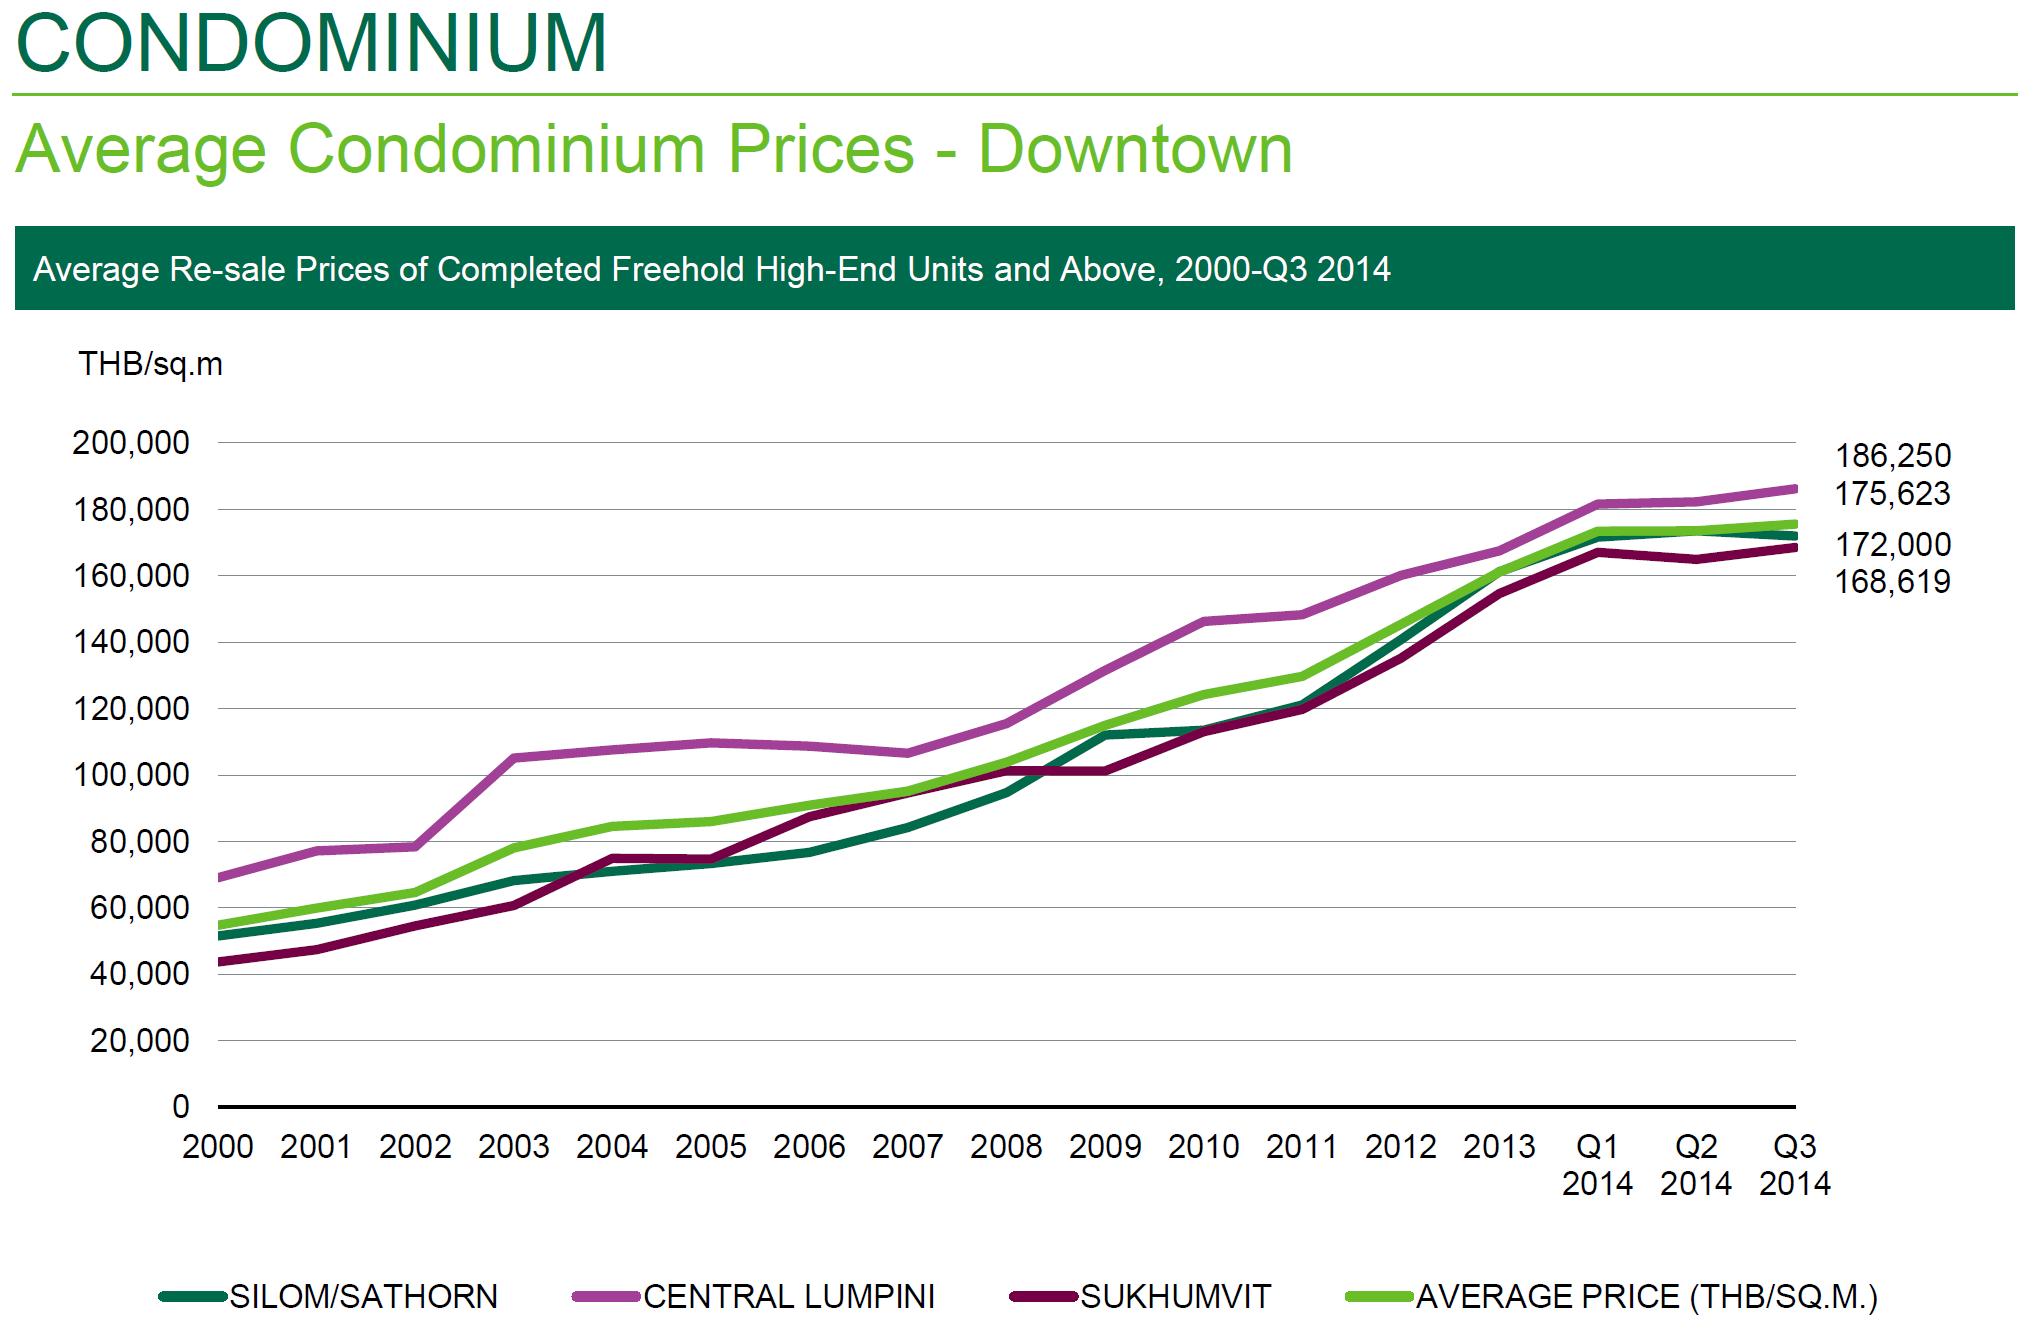 タイ・バンコクのコンドミニアム価格推移